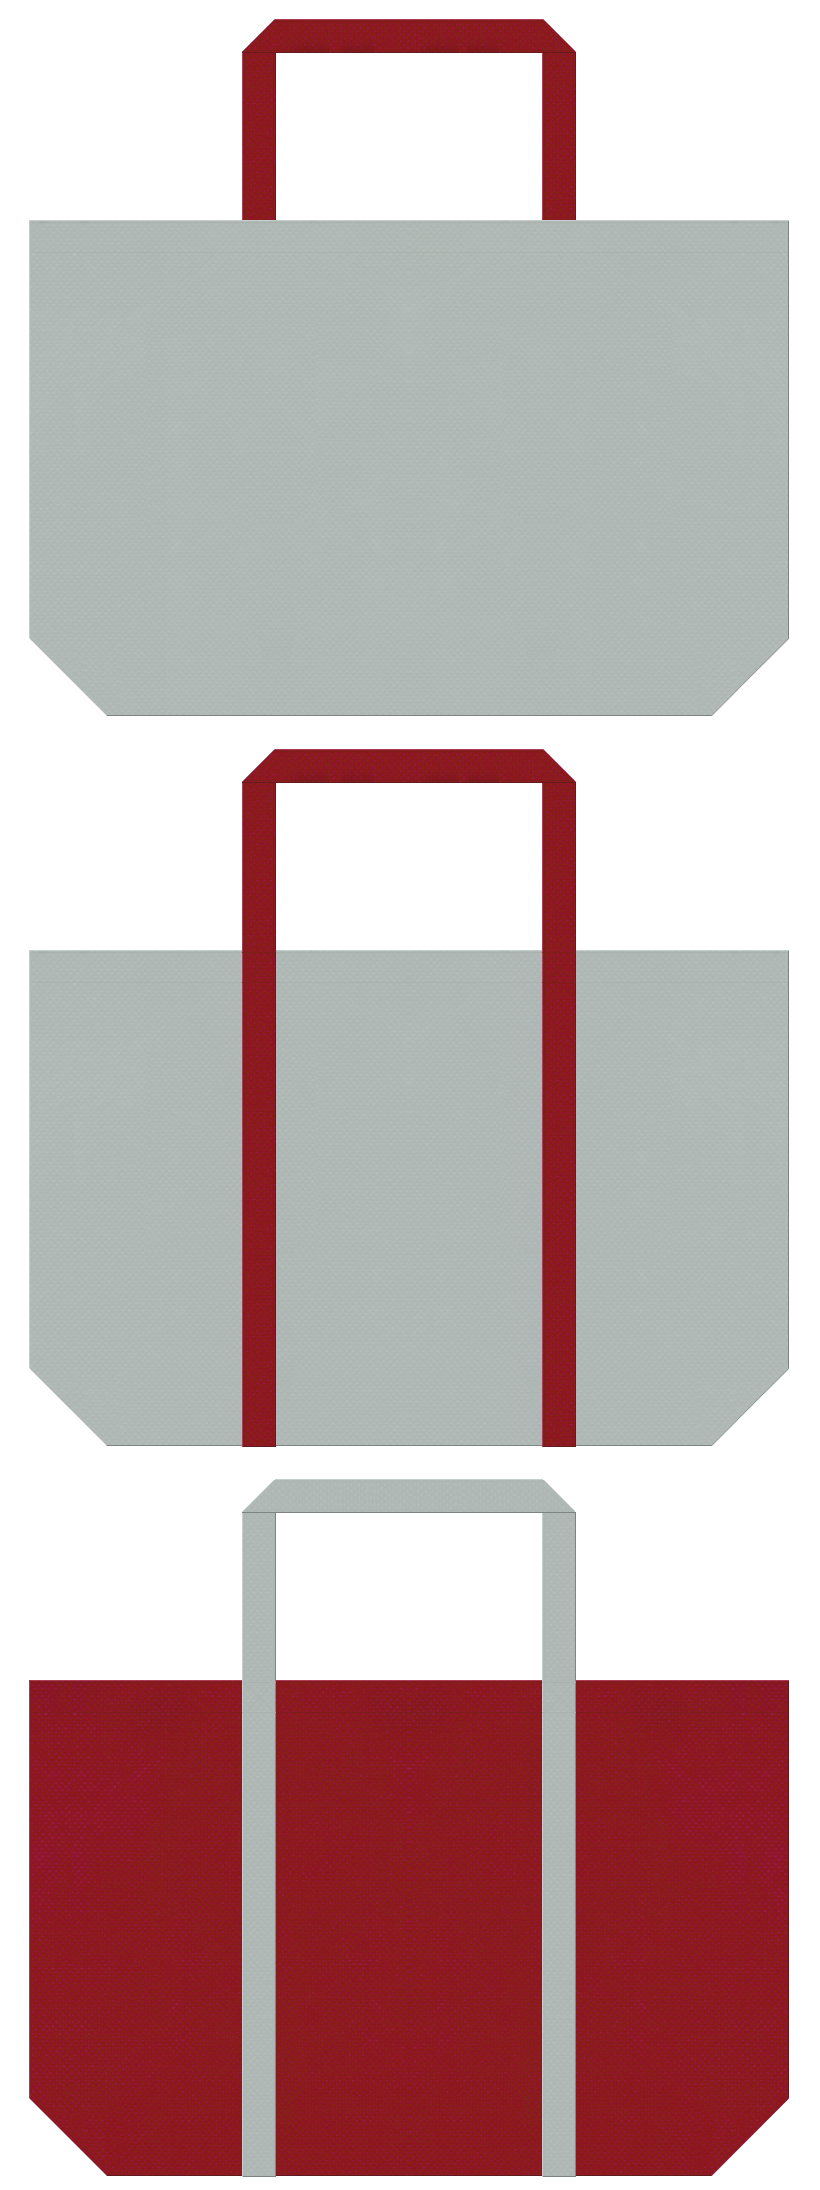 グレー色とエンジ色の不織布エコバッグのデザイン。